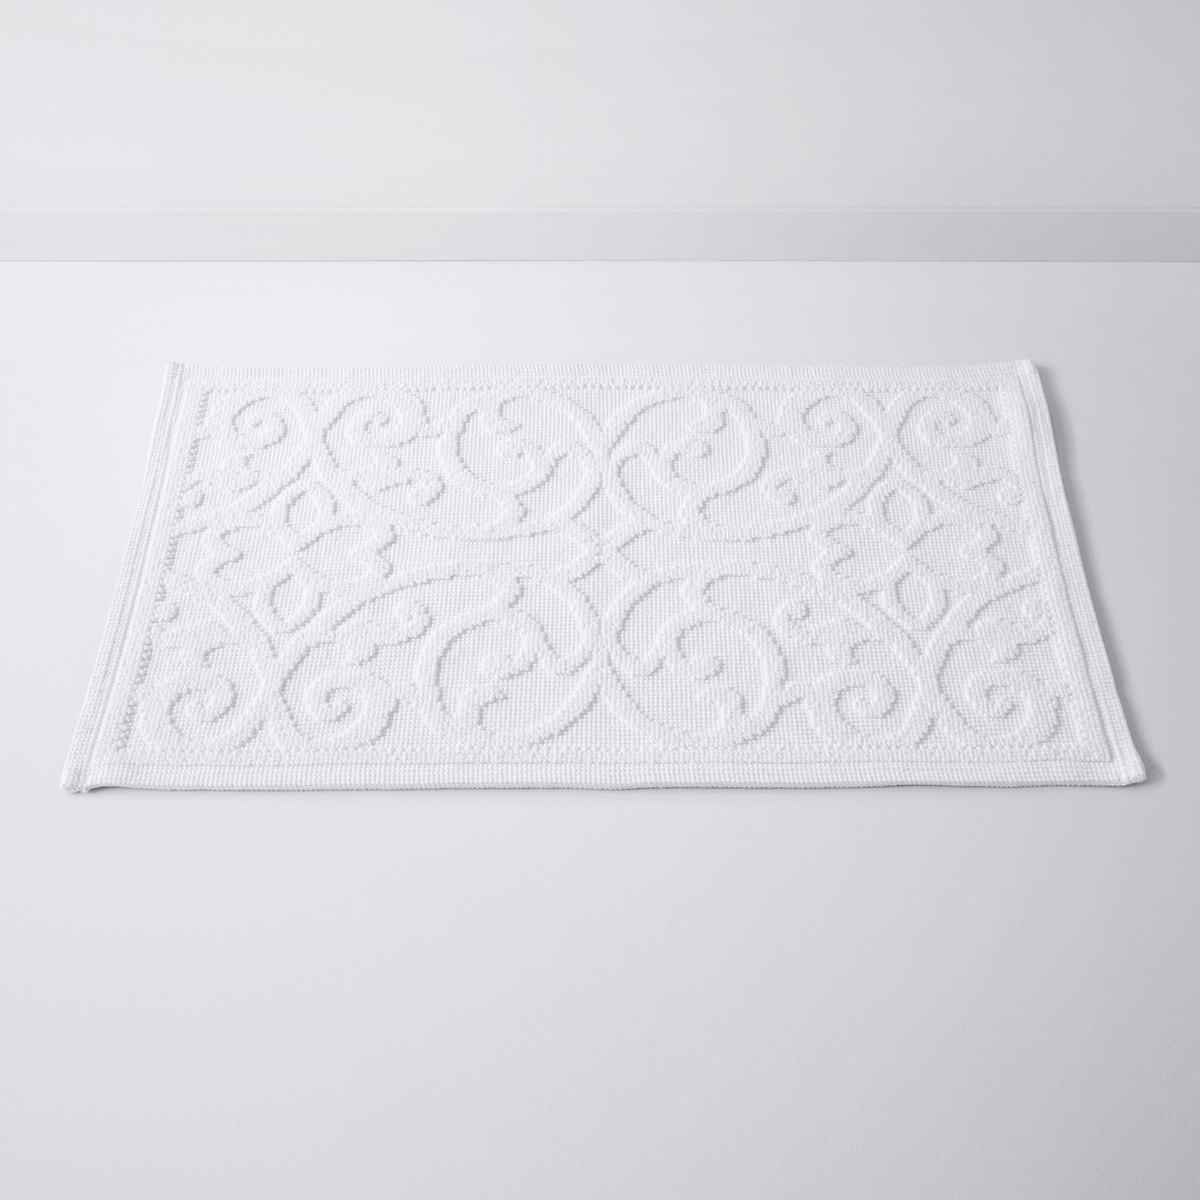 Коврик для ваннойс рельефным рисункомDAMASK, 100% хлопок (1500 г/м²)